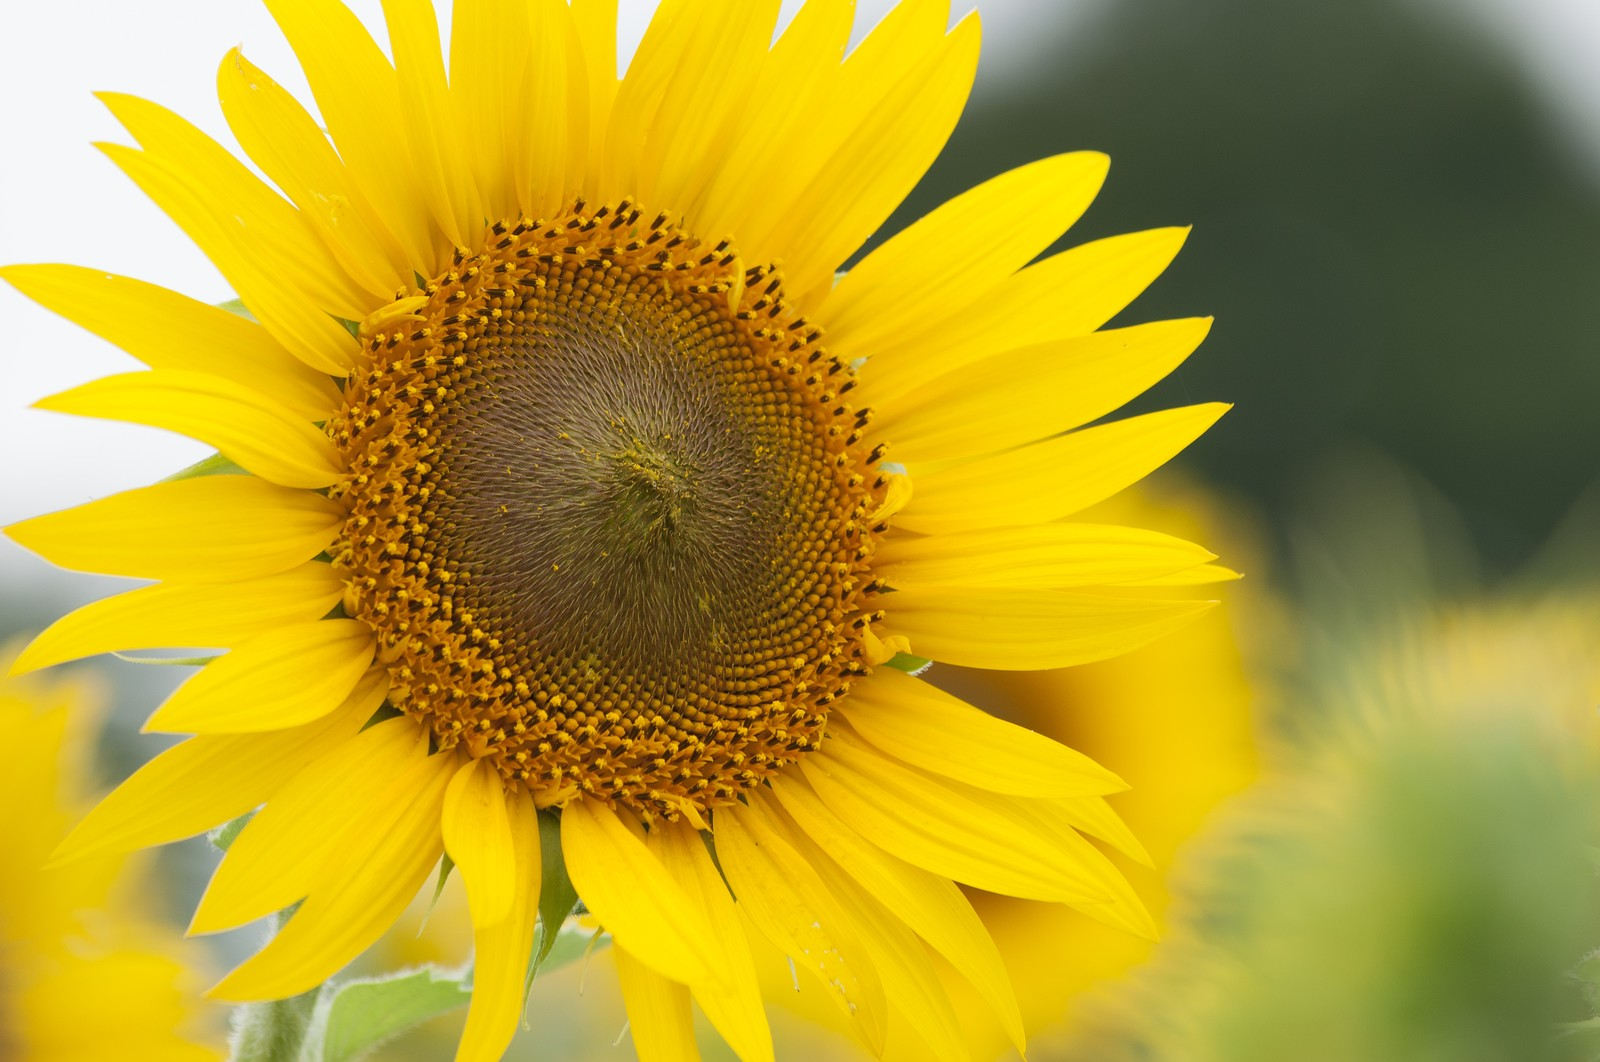 ヒマワリが太陽の方を向く原因は葉っぱ?花びら?茎?|お天気検定8月8日